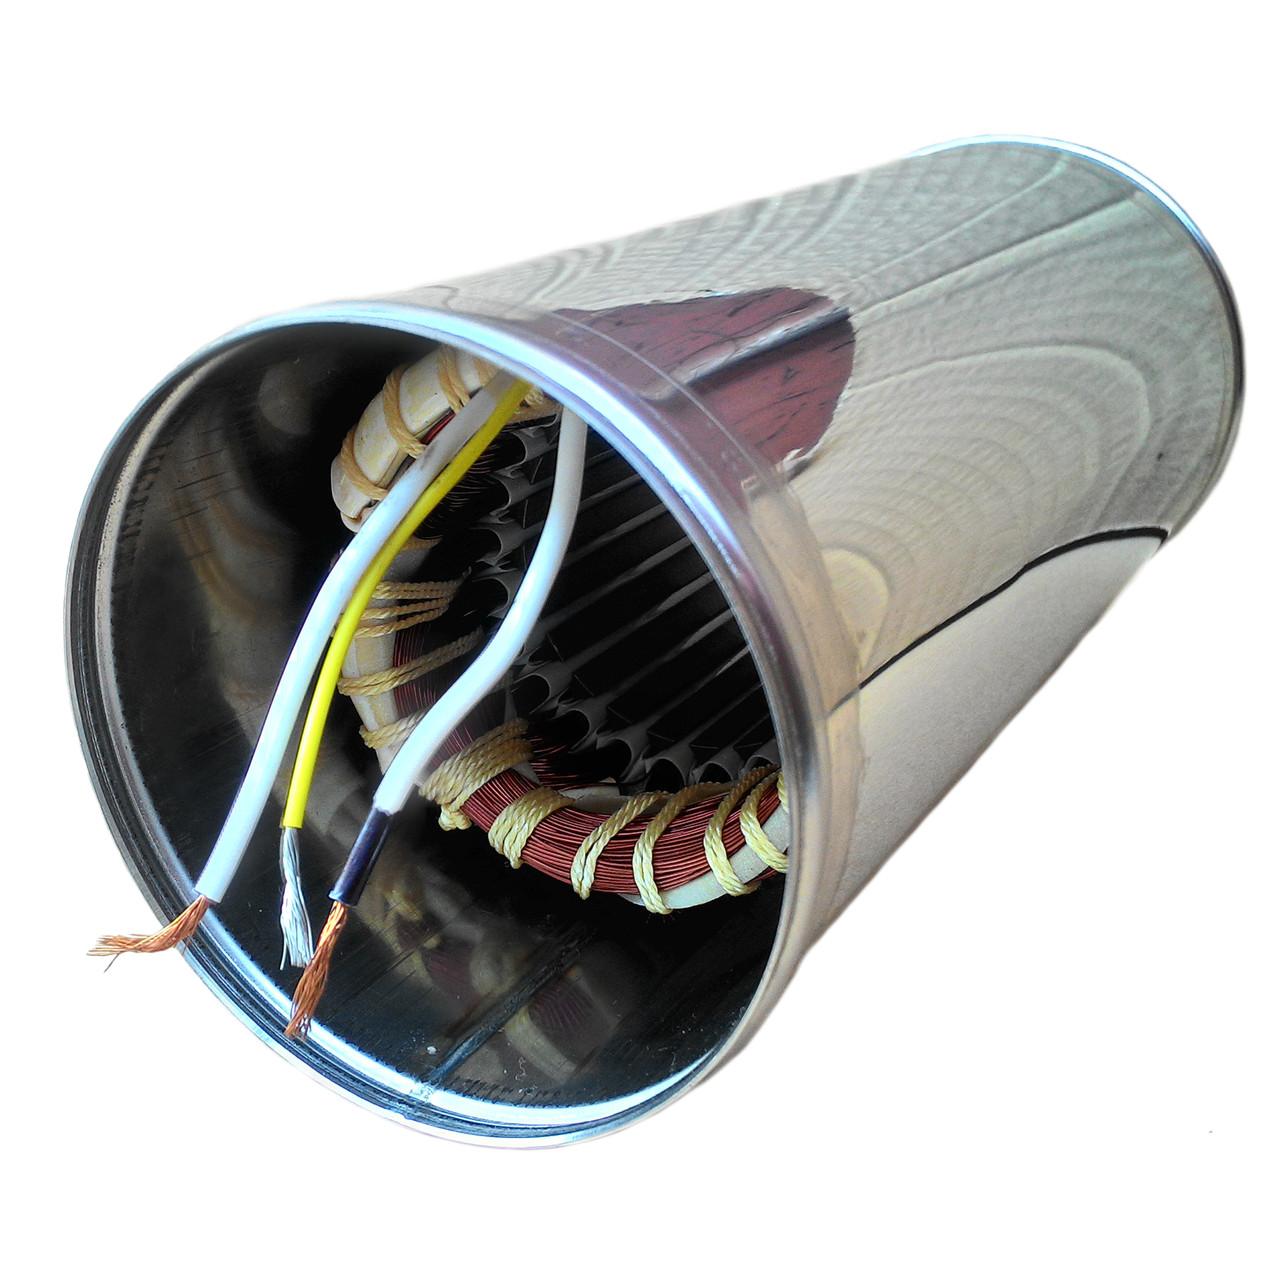 Обмотка статора в корпусе БЦПЭ 0,32-80 У для насоса Водолей